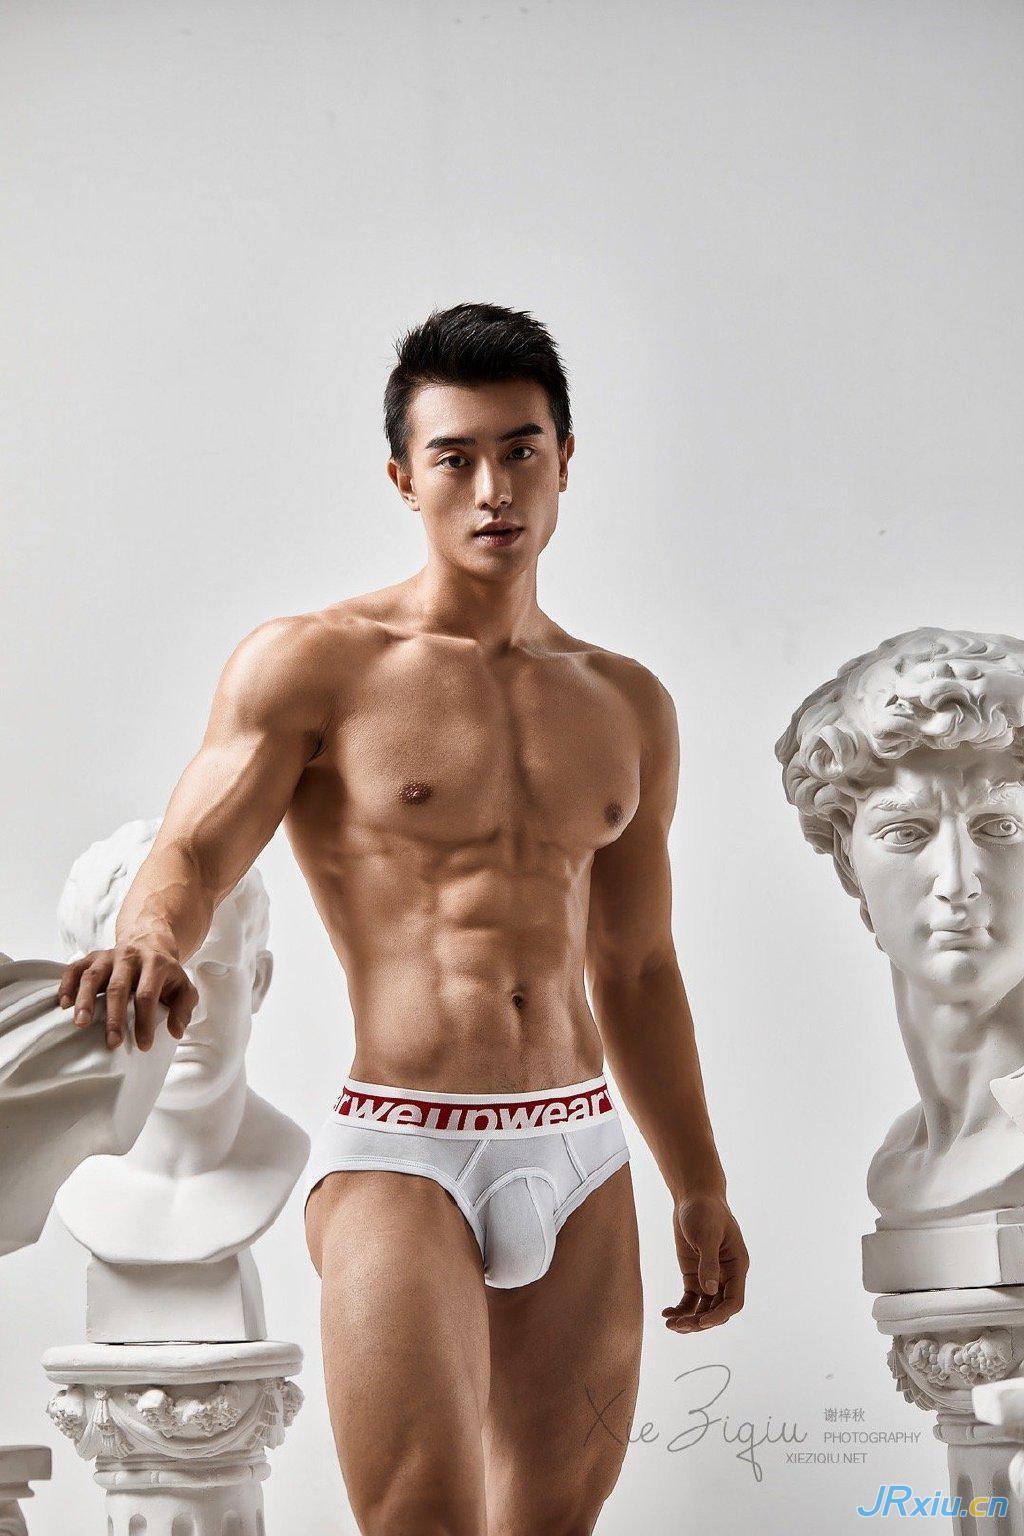 谢梓秋作品:身材很棒的国产肌肉帅哥健身男模